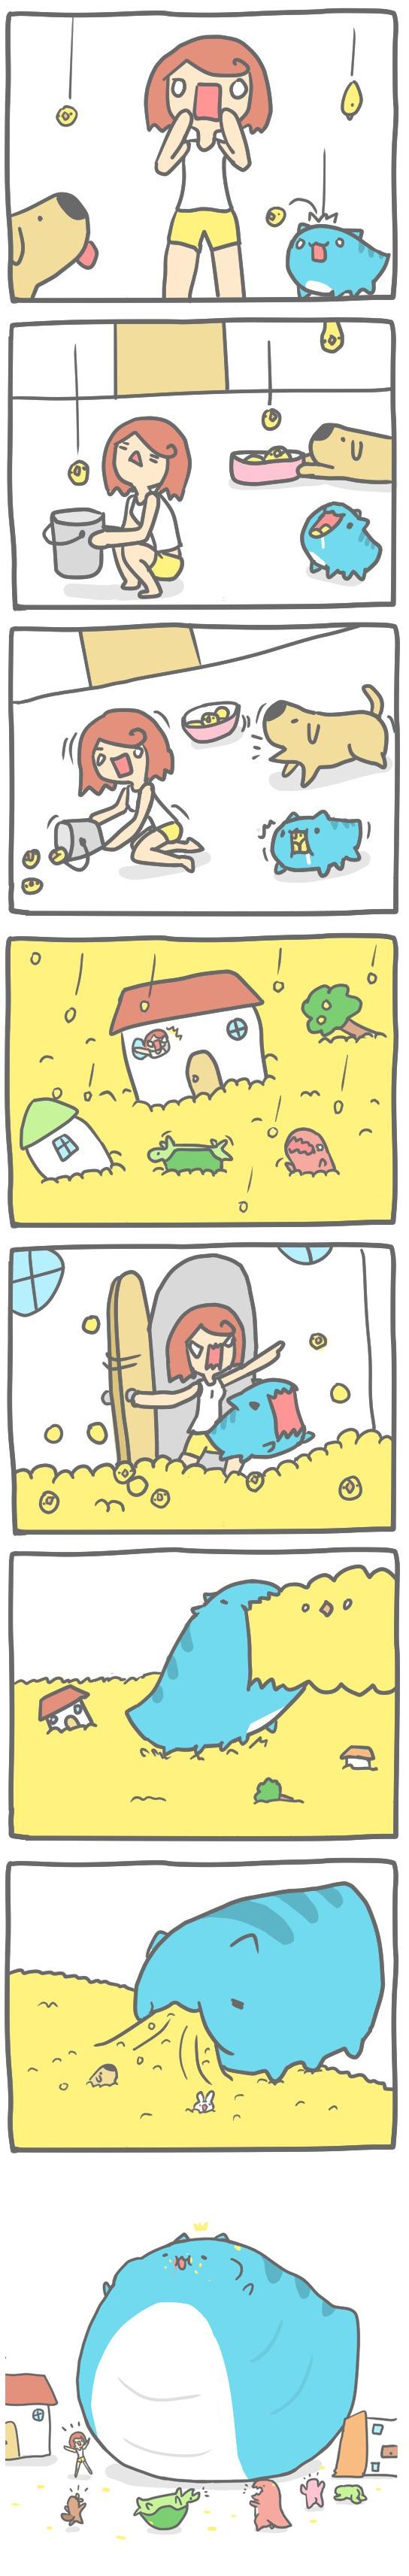 Truyện Mìn Lèo #30